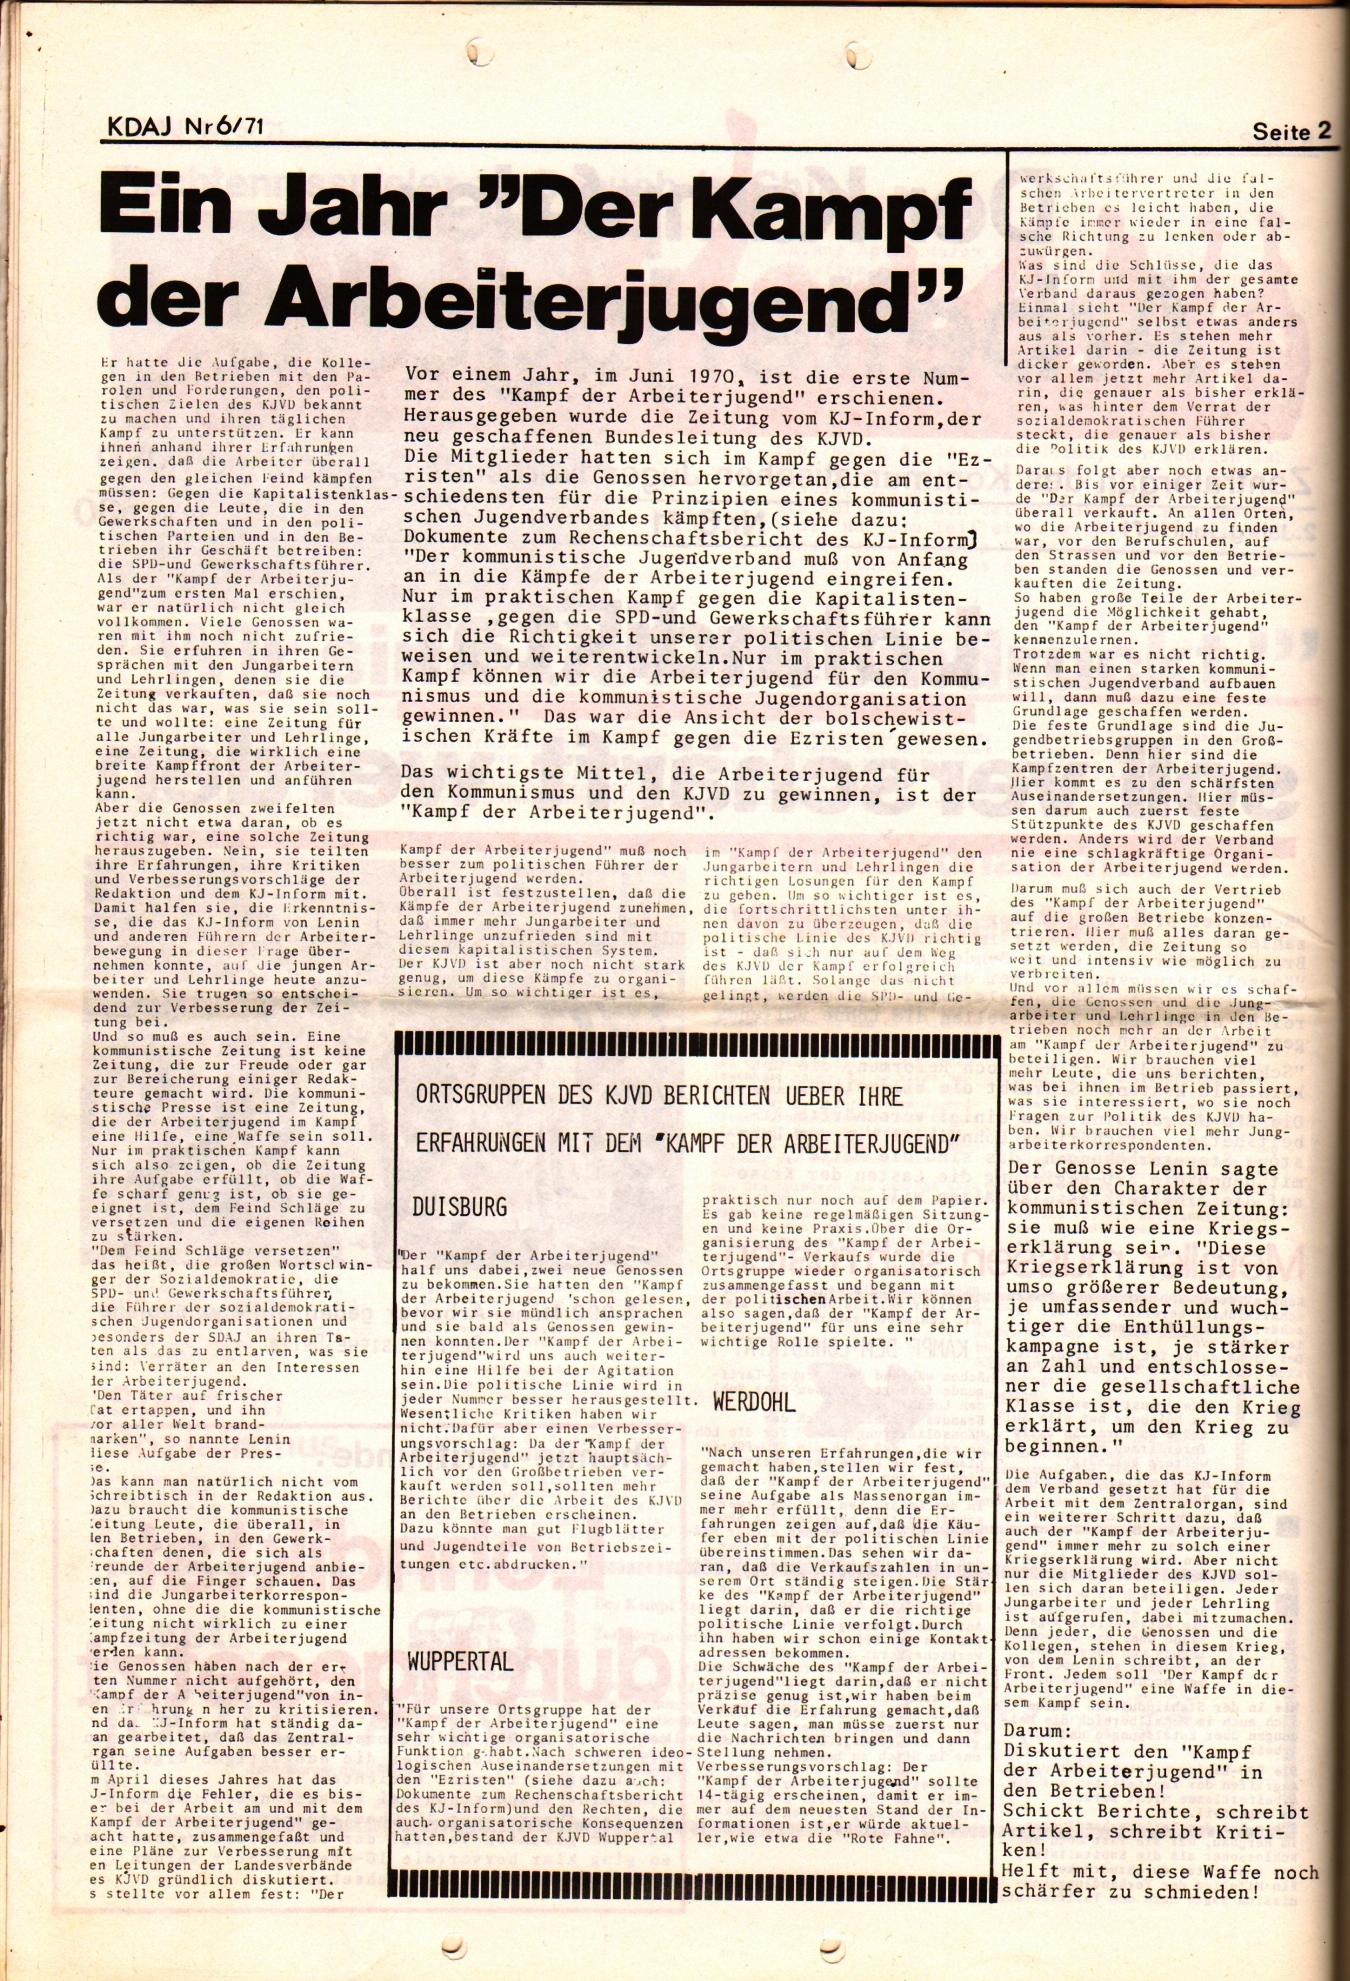 KDAJ, 2. Jg., Juni 1971, Nr. 6, Seite 2